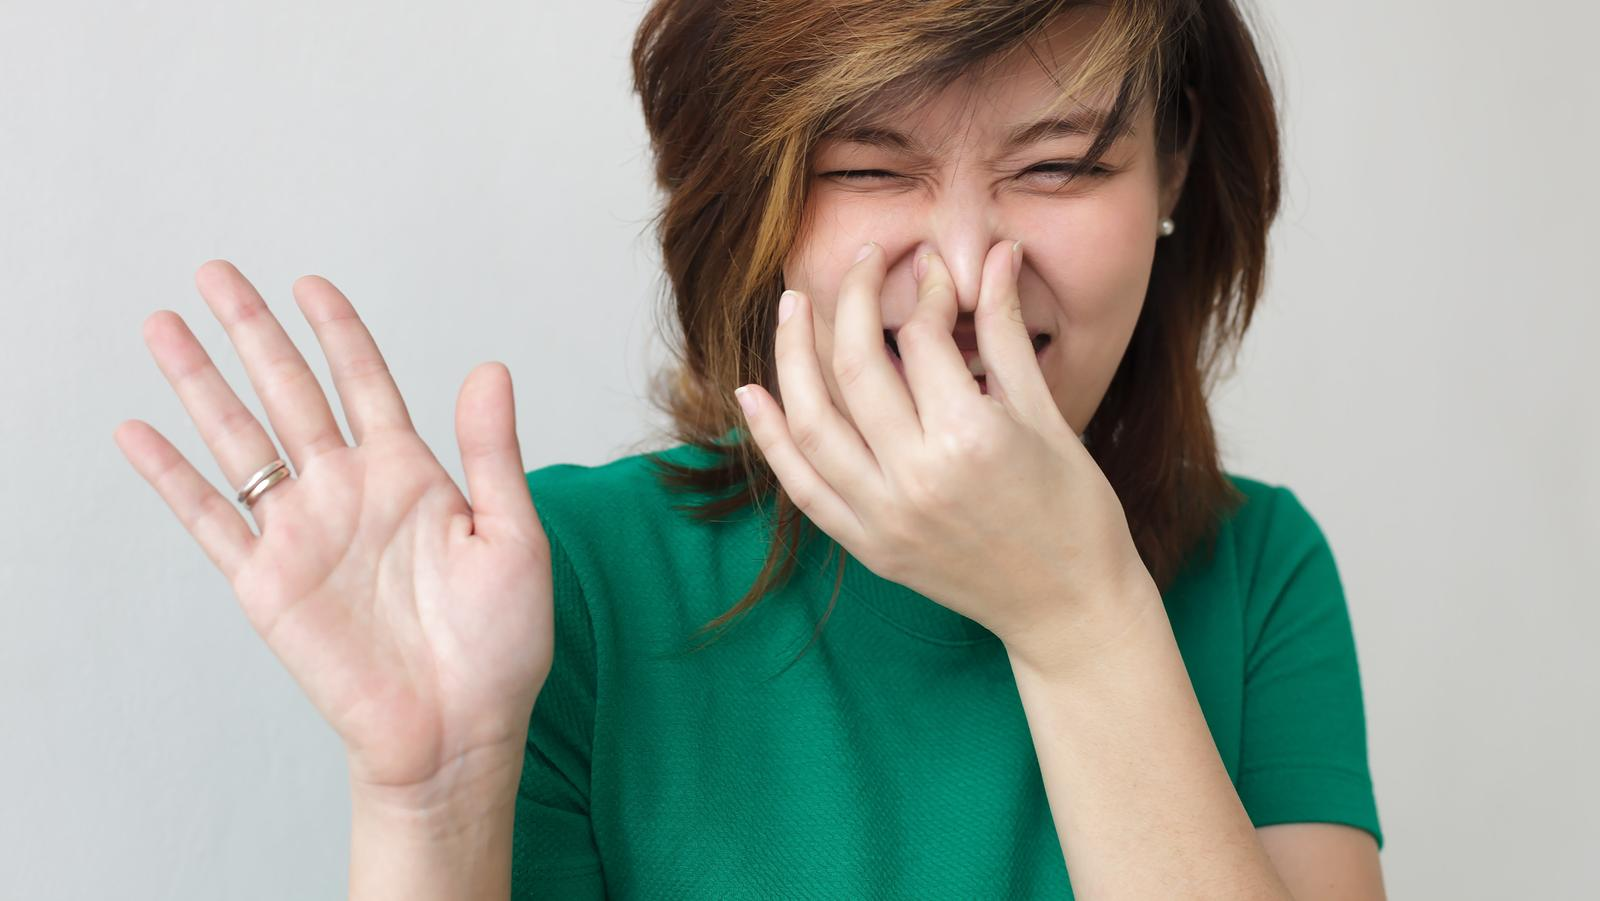 Hogyan kell kezelni a rossz lehelet gyomrot, Szájhigiénia